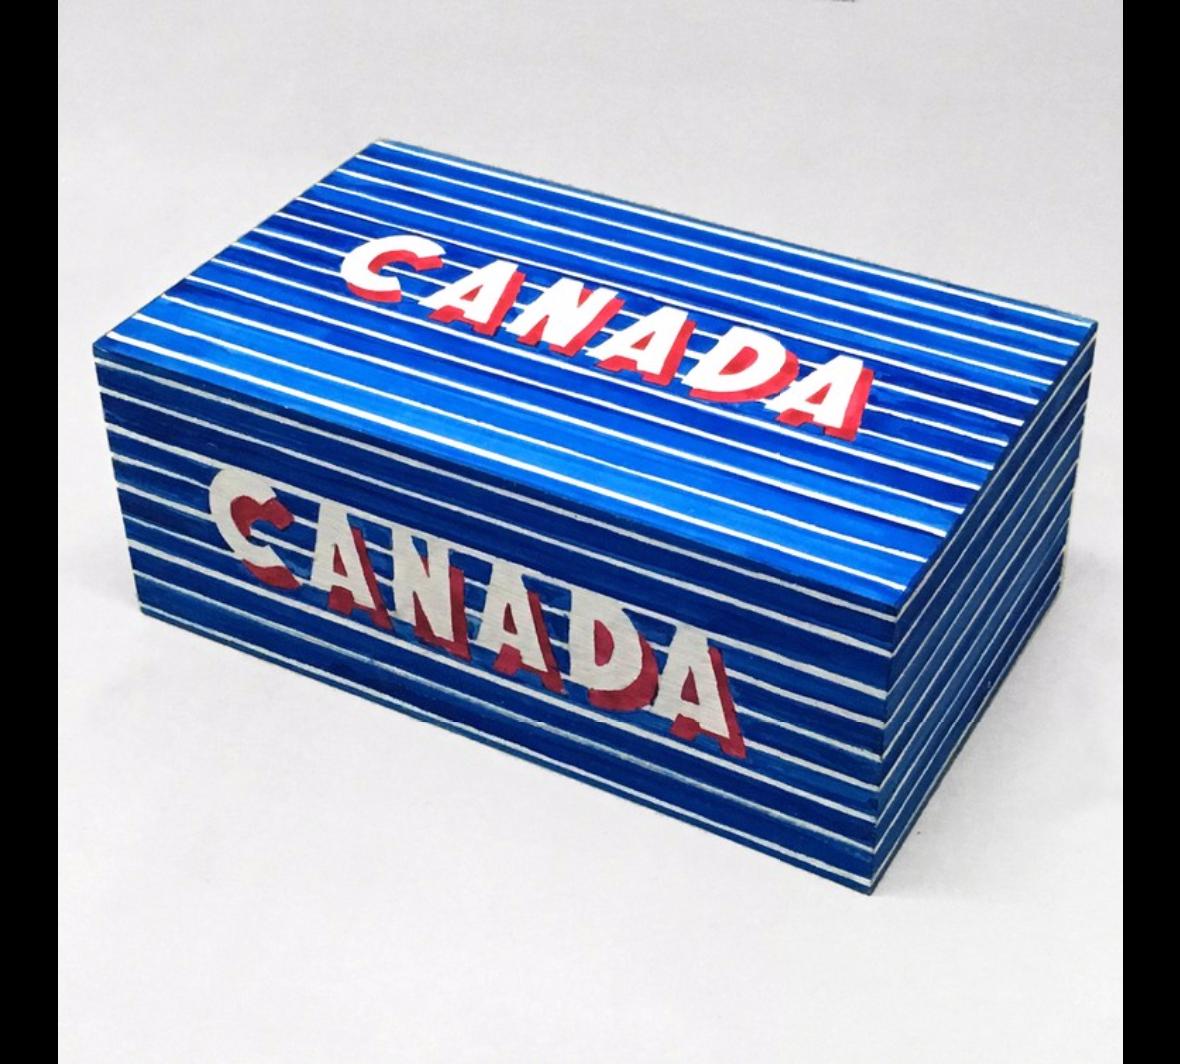 Humberto Marquez   Canada Shoebox, 1964  Madera sólida, pintura acrílica, pigmento de grana cochinilla y añil  (Frieze)